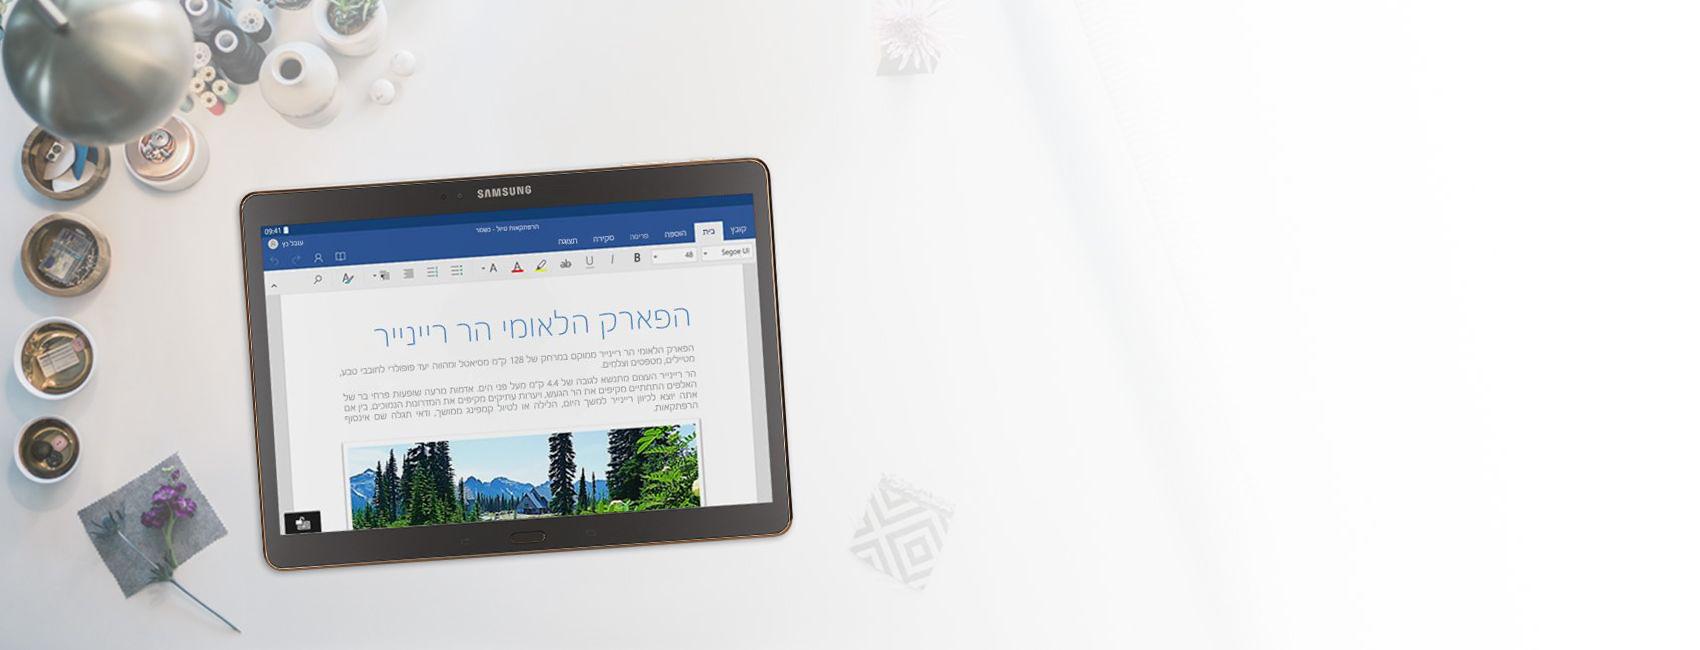 מחשב Tablet המציג מסמך של Word לגבי הפארק הלאומי הר רינייר